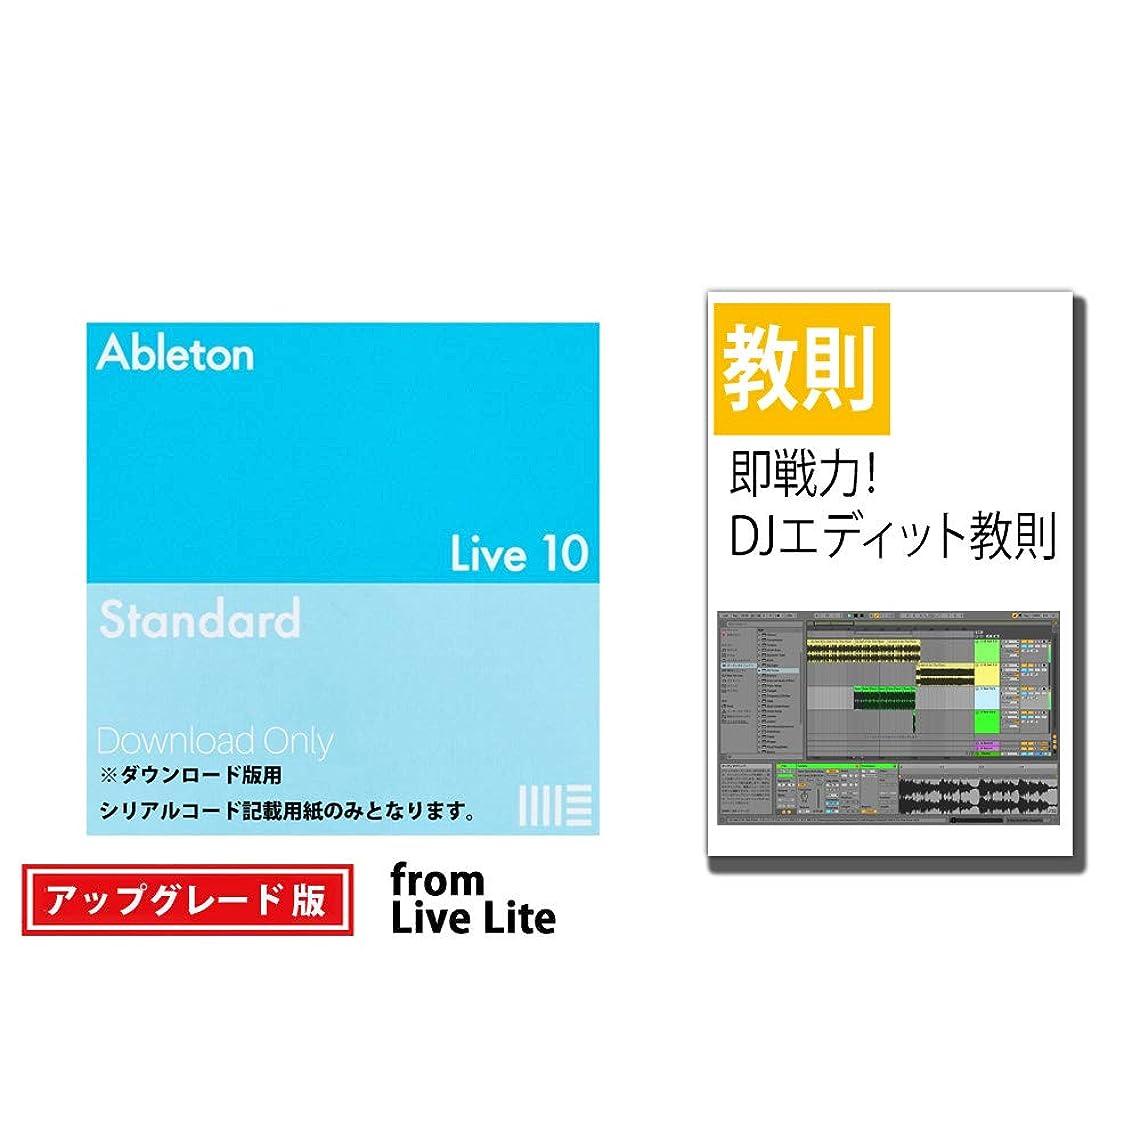 指定するシャンプー不承認【1大特典】Ableton Live10 Standard UPG from Live Lite 楽曲制作ソフト【ダウンロード版】+ DJエディット教則